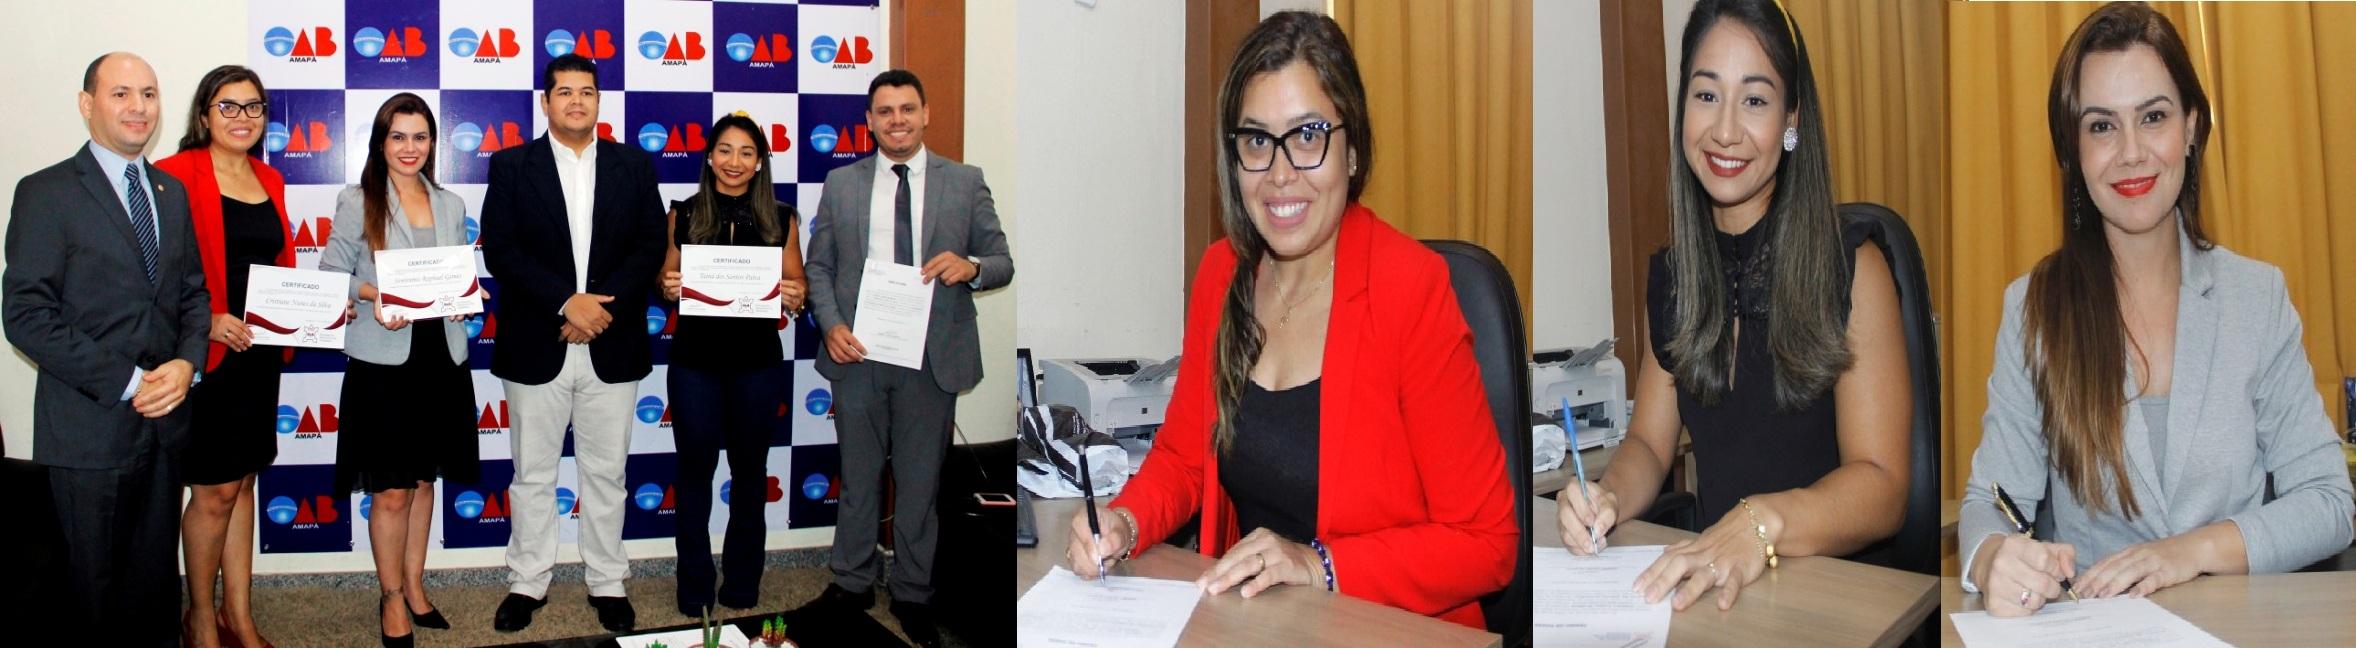 Membros da Comissão de Direito Eleitoral tomam posse na OAB-AP